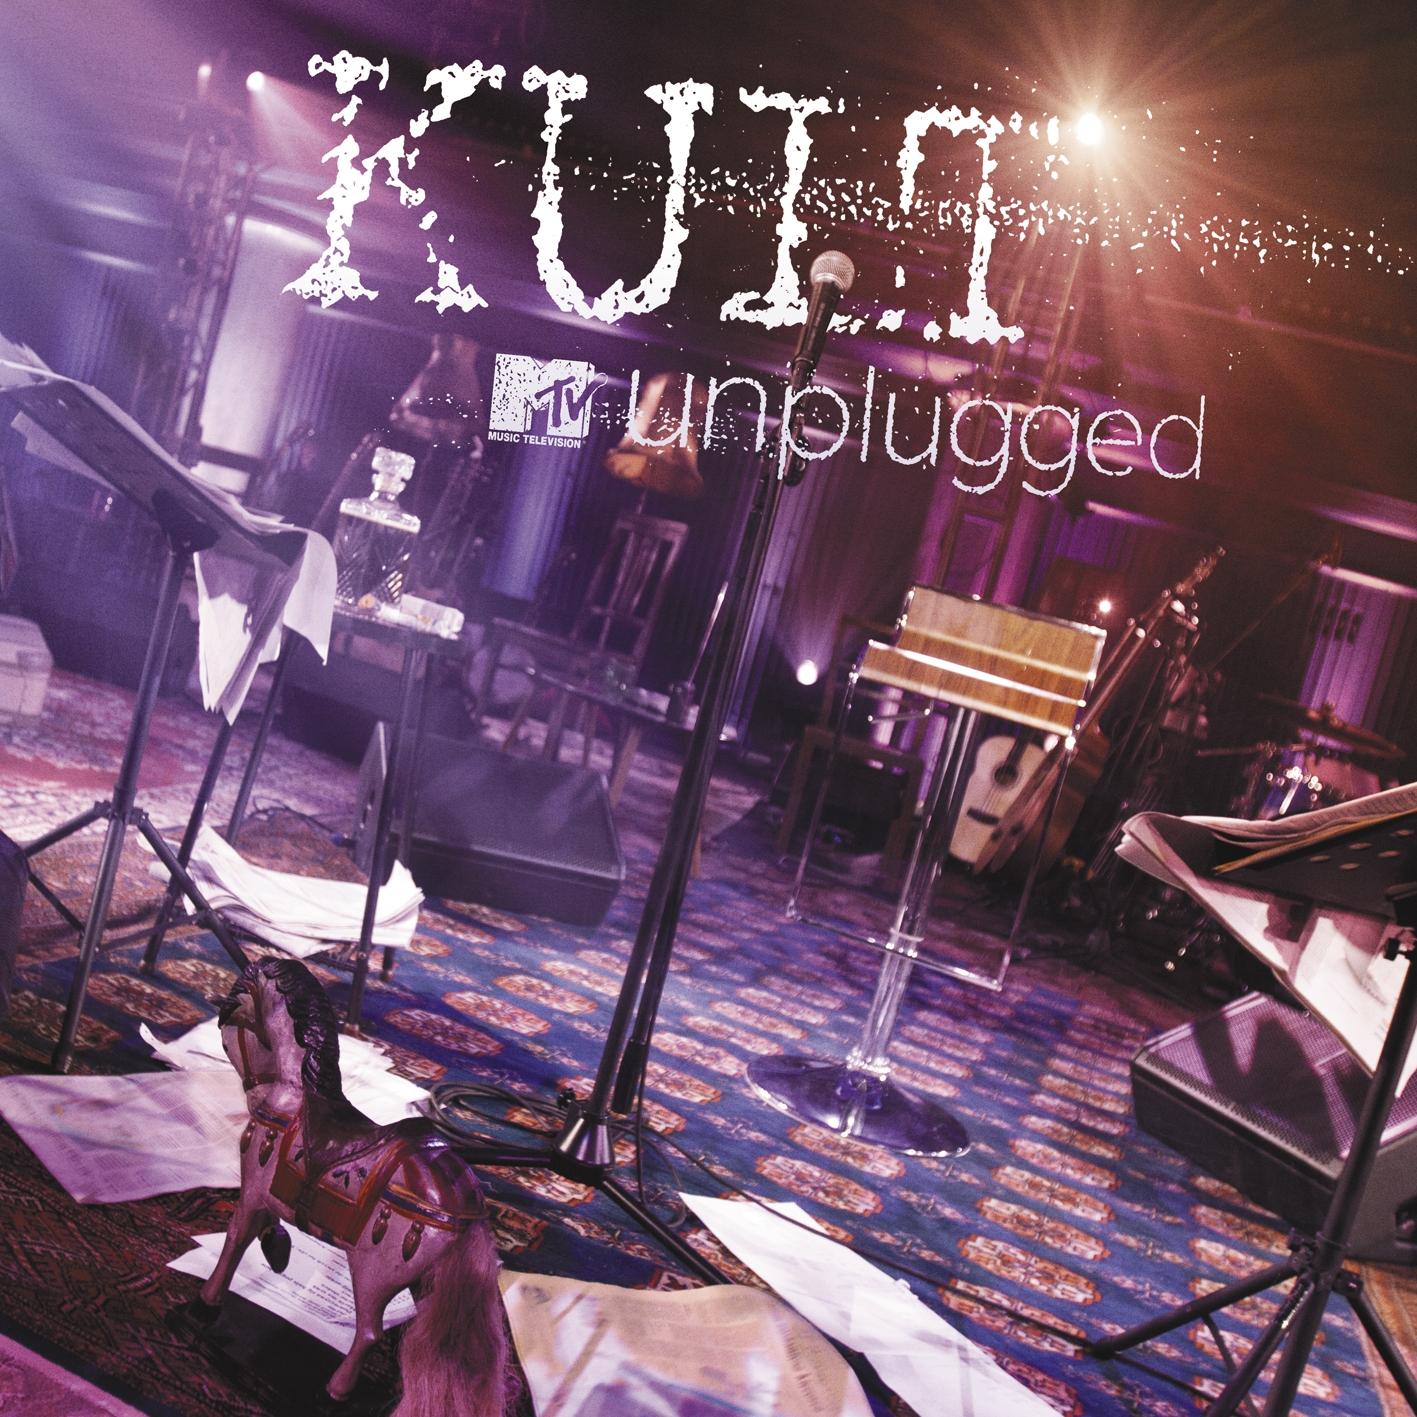 MTV Unplugged Kult ? już w sprzedaży!!!